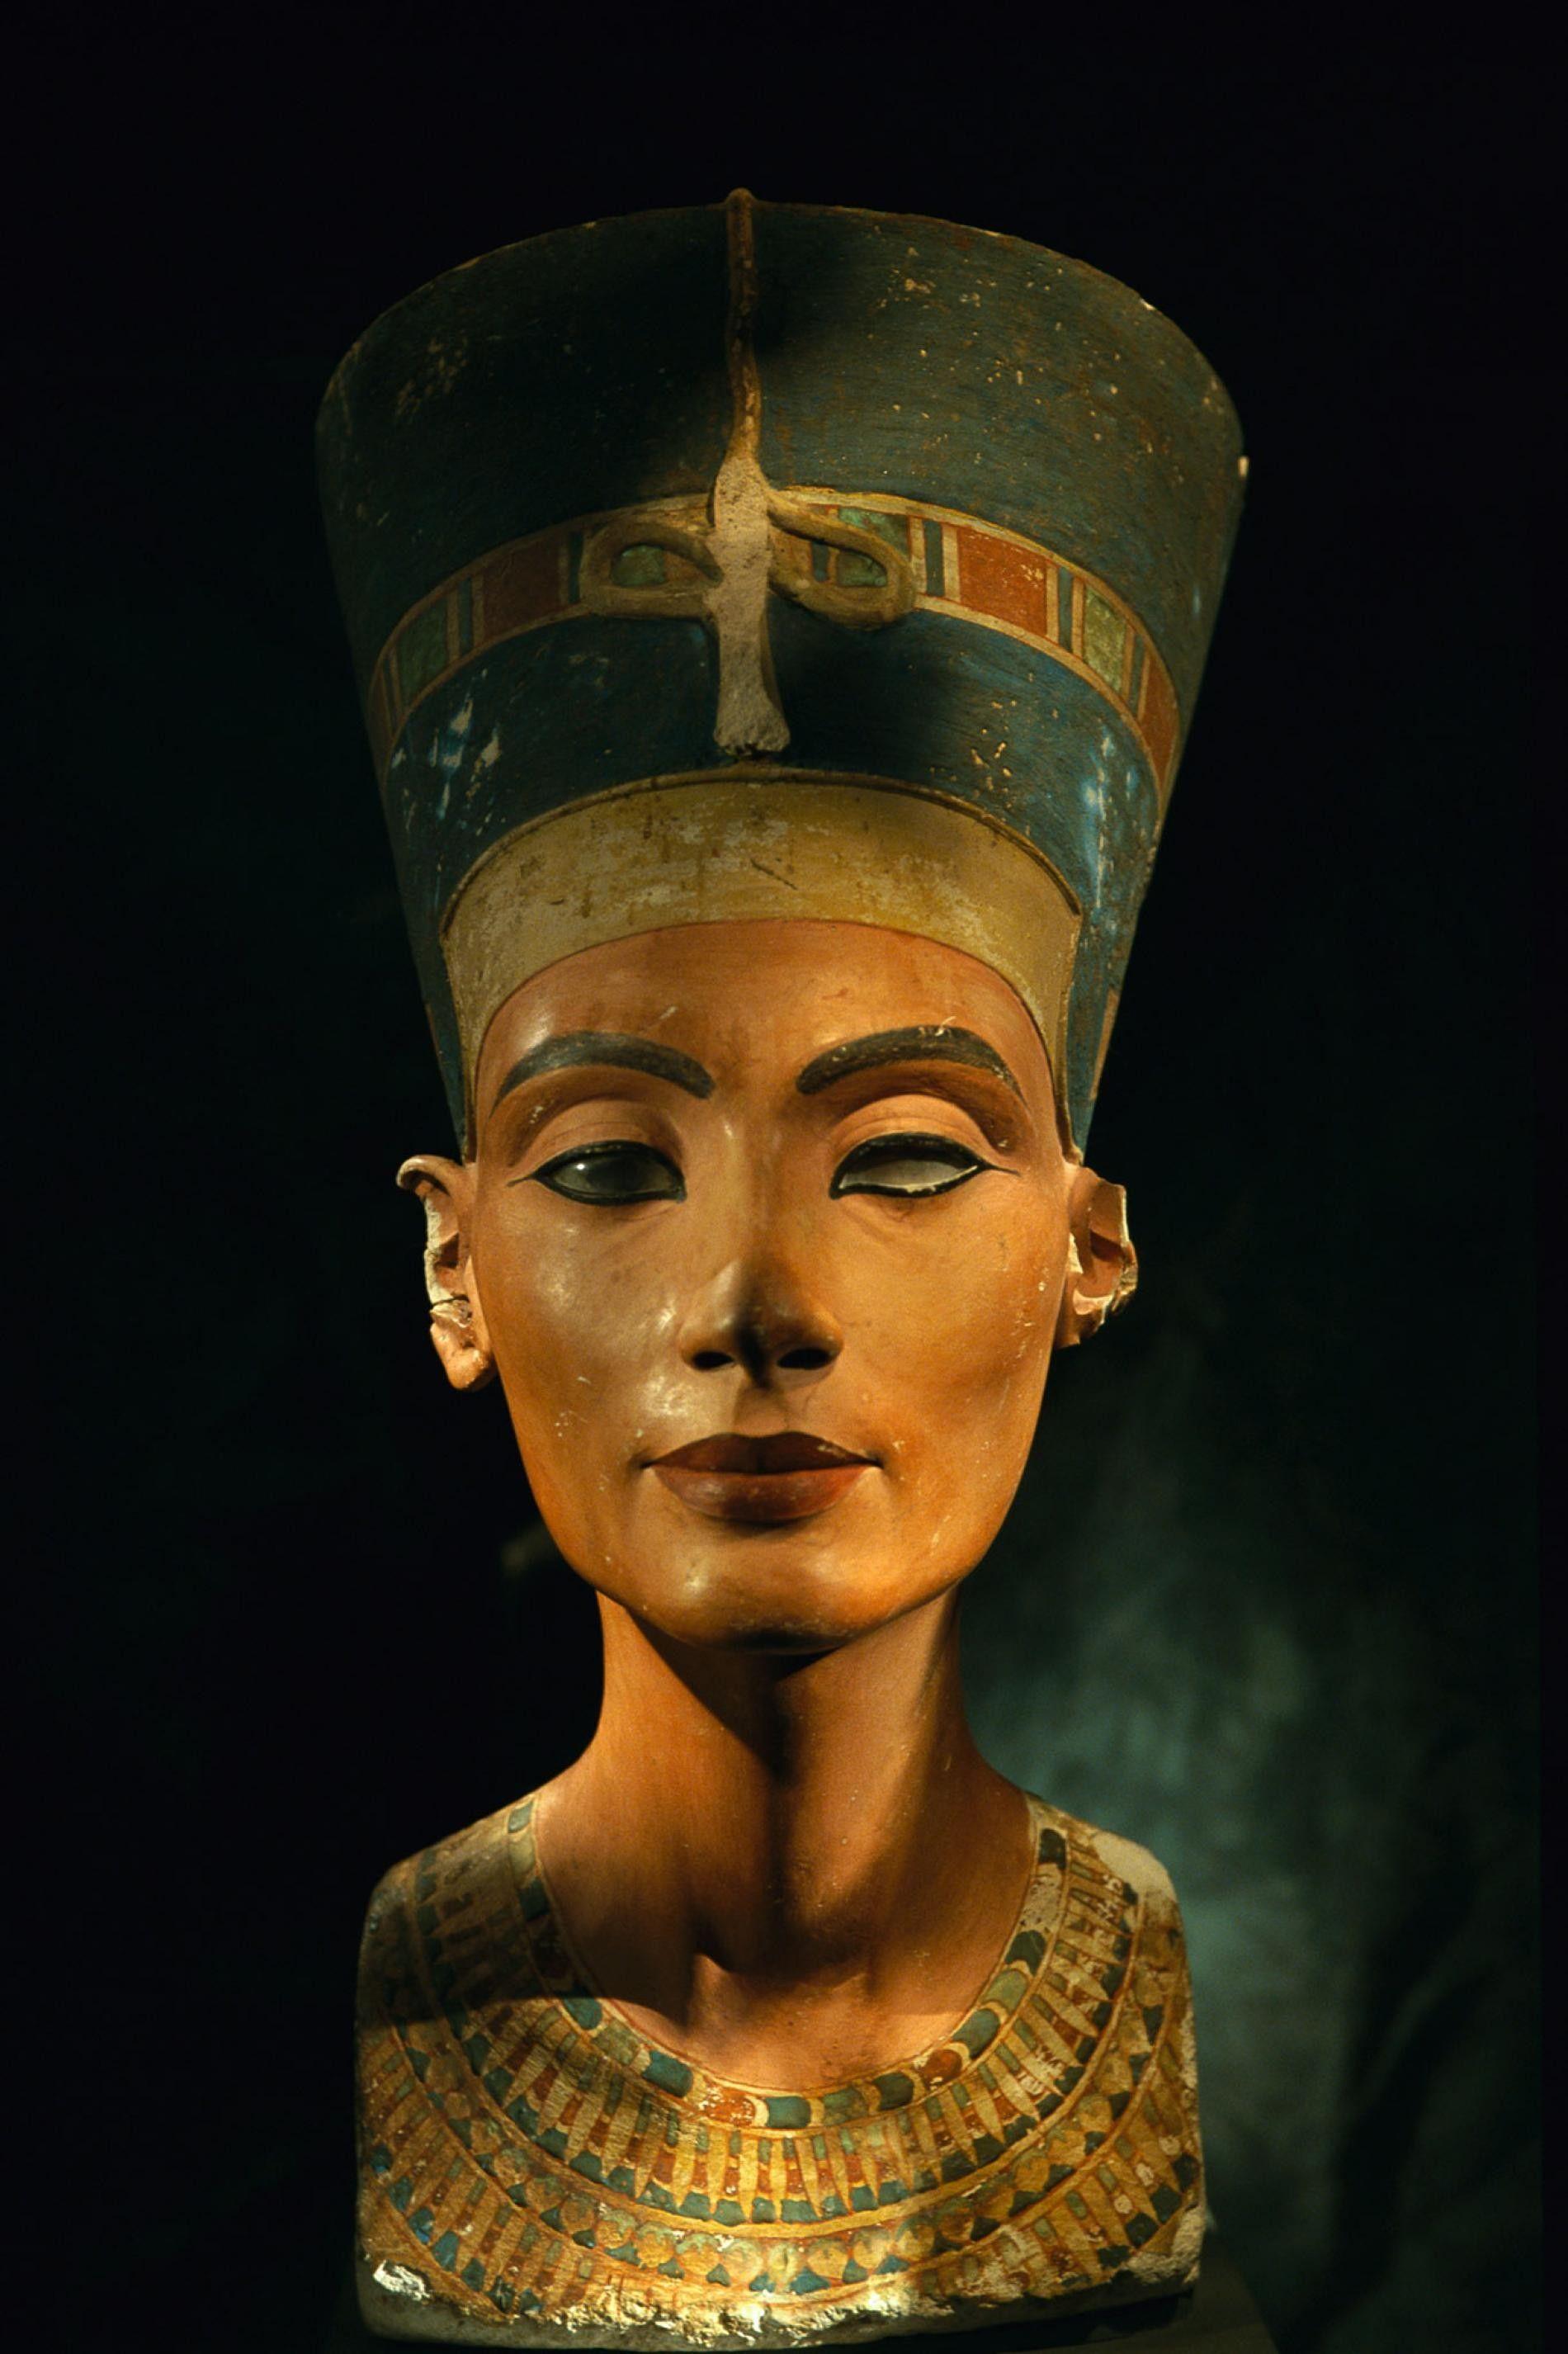 Ce buste de la reine égyptienne Néfertiti a été réalisé avant que cette dernière n'ordonne de ne plus être représentée comme une femme, mais uniquement en tant que dirigeant. Dans son nouveau livre « When Women Ruled the World: Six Queens of Egypt » (Lorsque les femmes régnaient sur le monde : six reines d'Égypte), Kara Cooney suggère qu'en laissant les femmes gouverner par période, l'Égypte a gagné en stabilité.